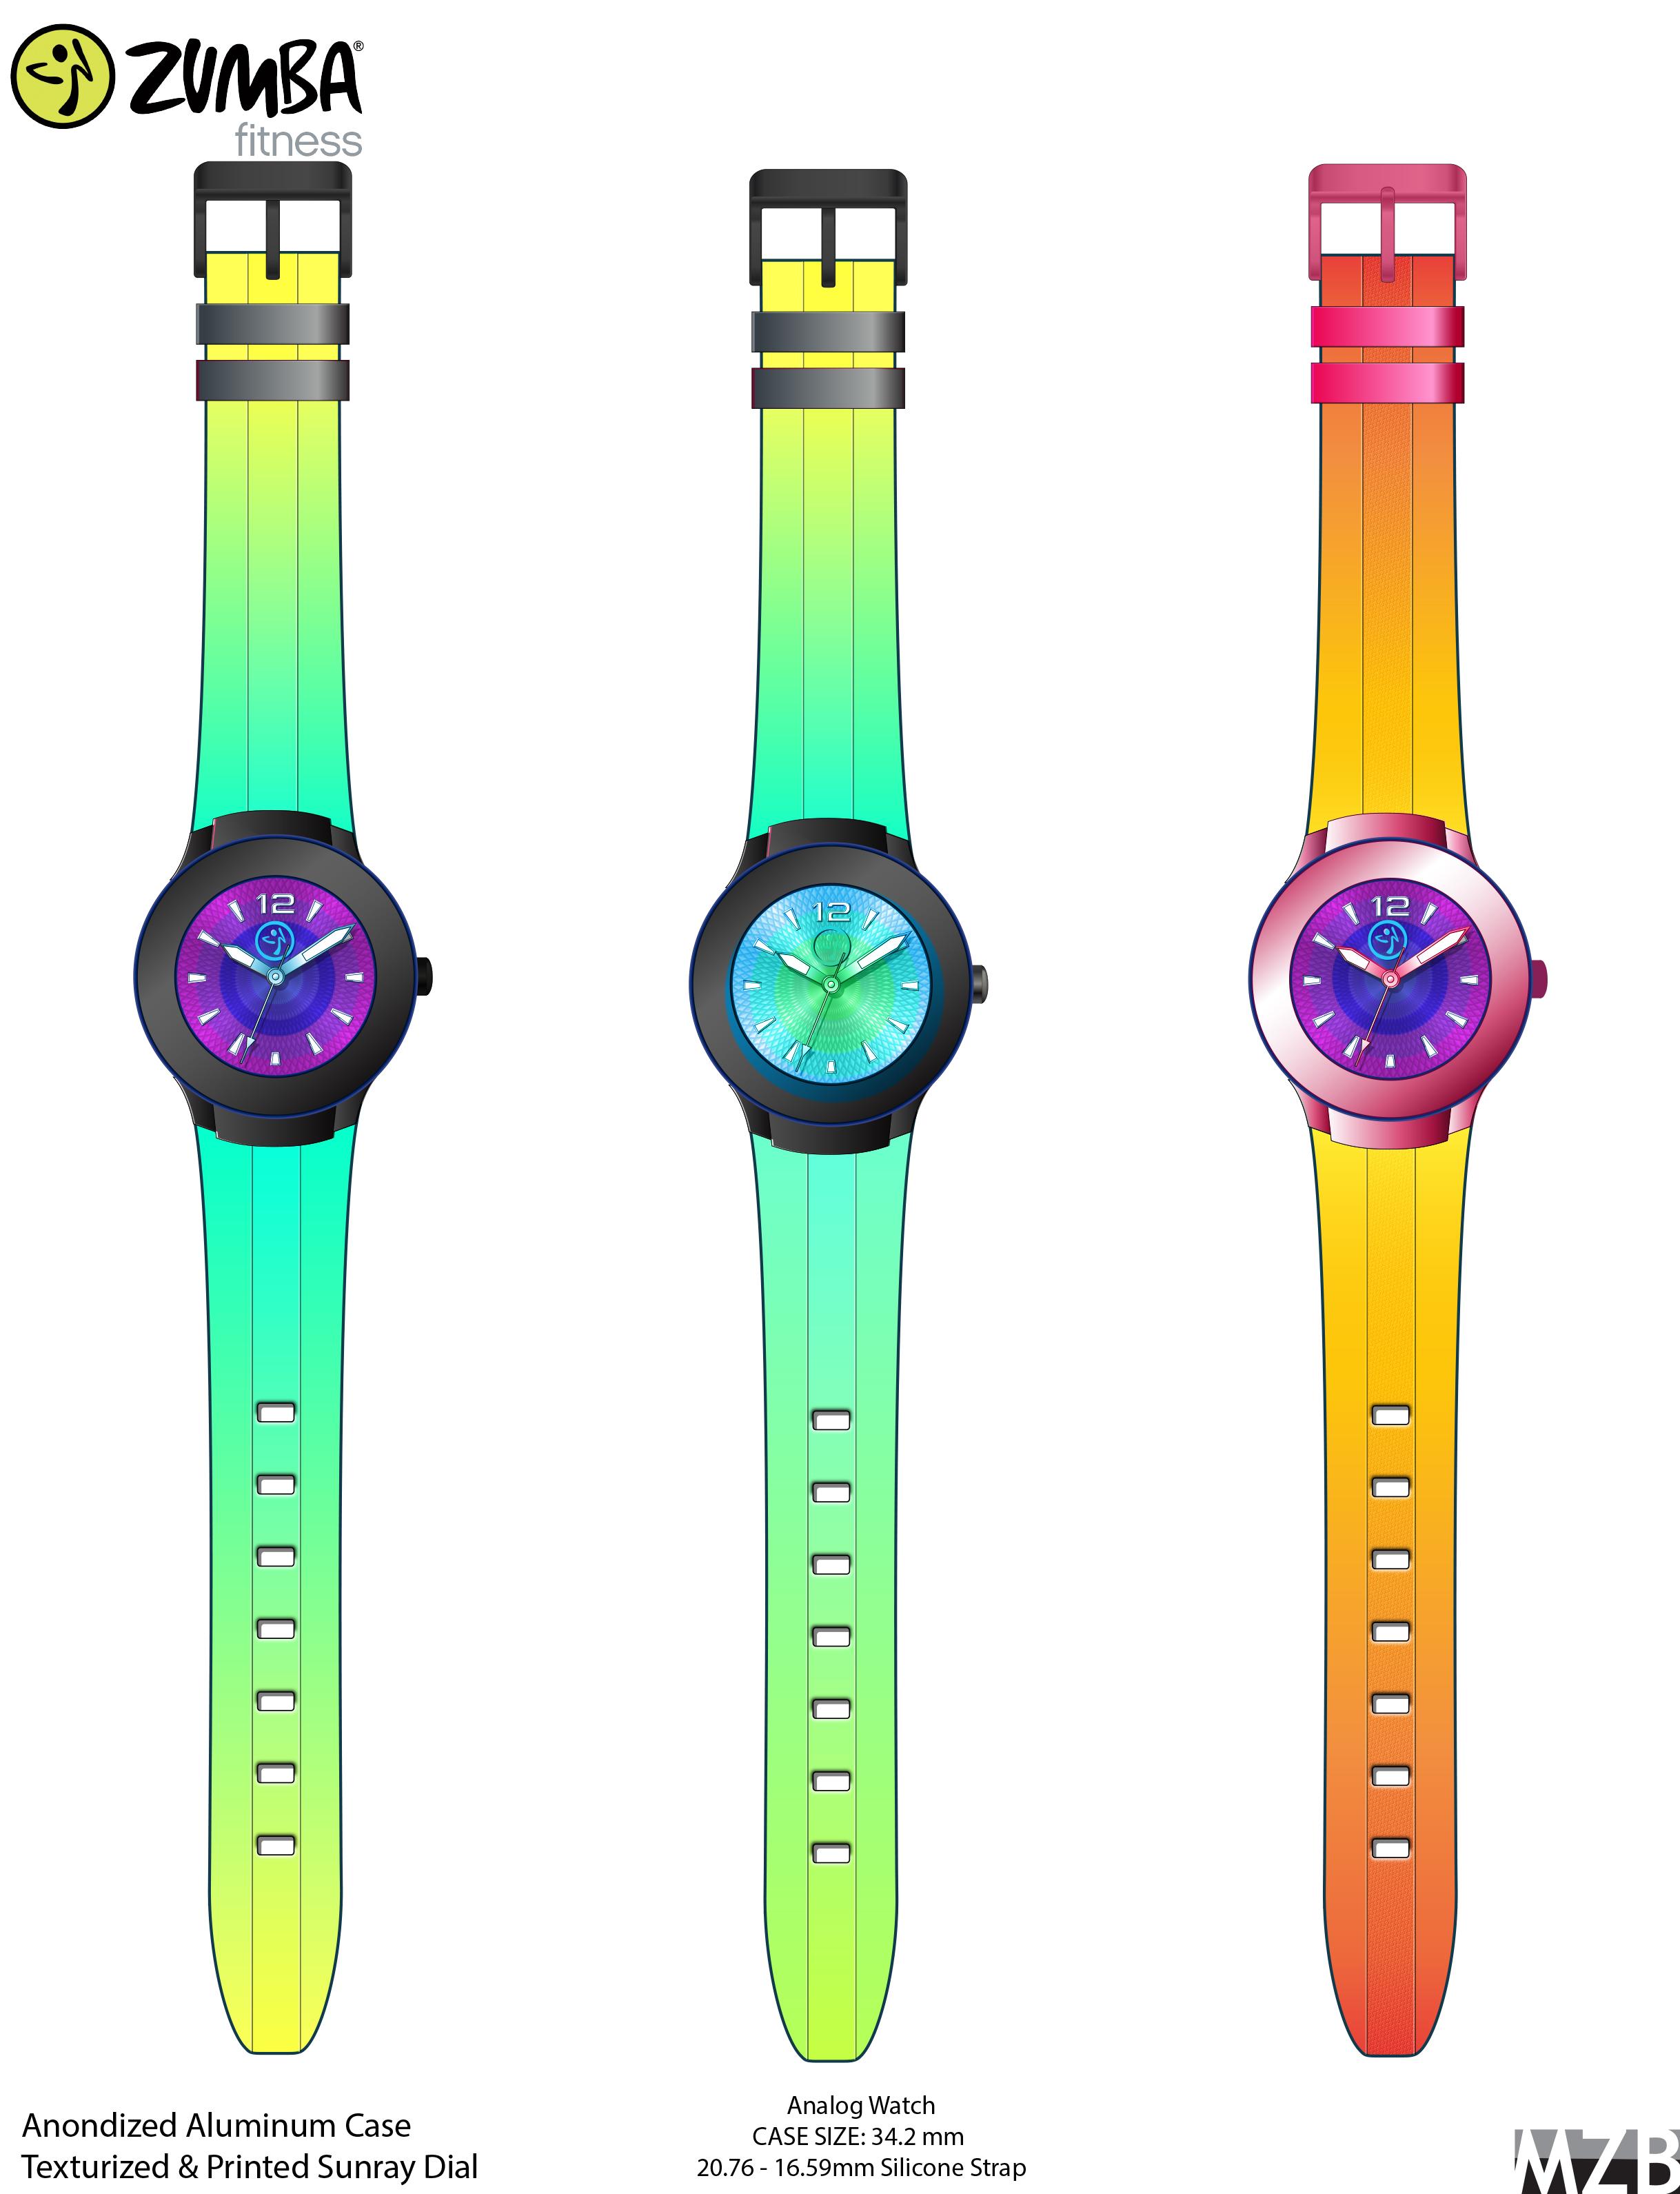 Rainbow Zumba Design